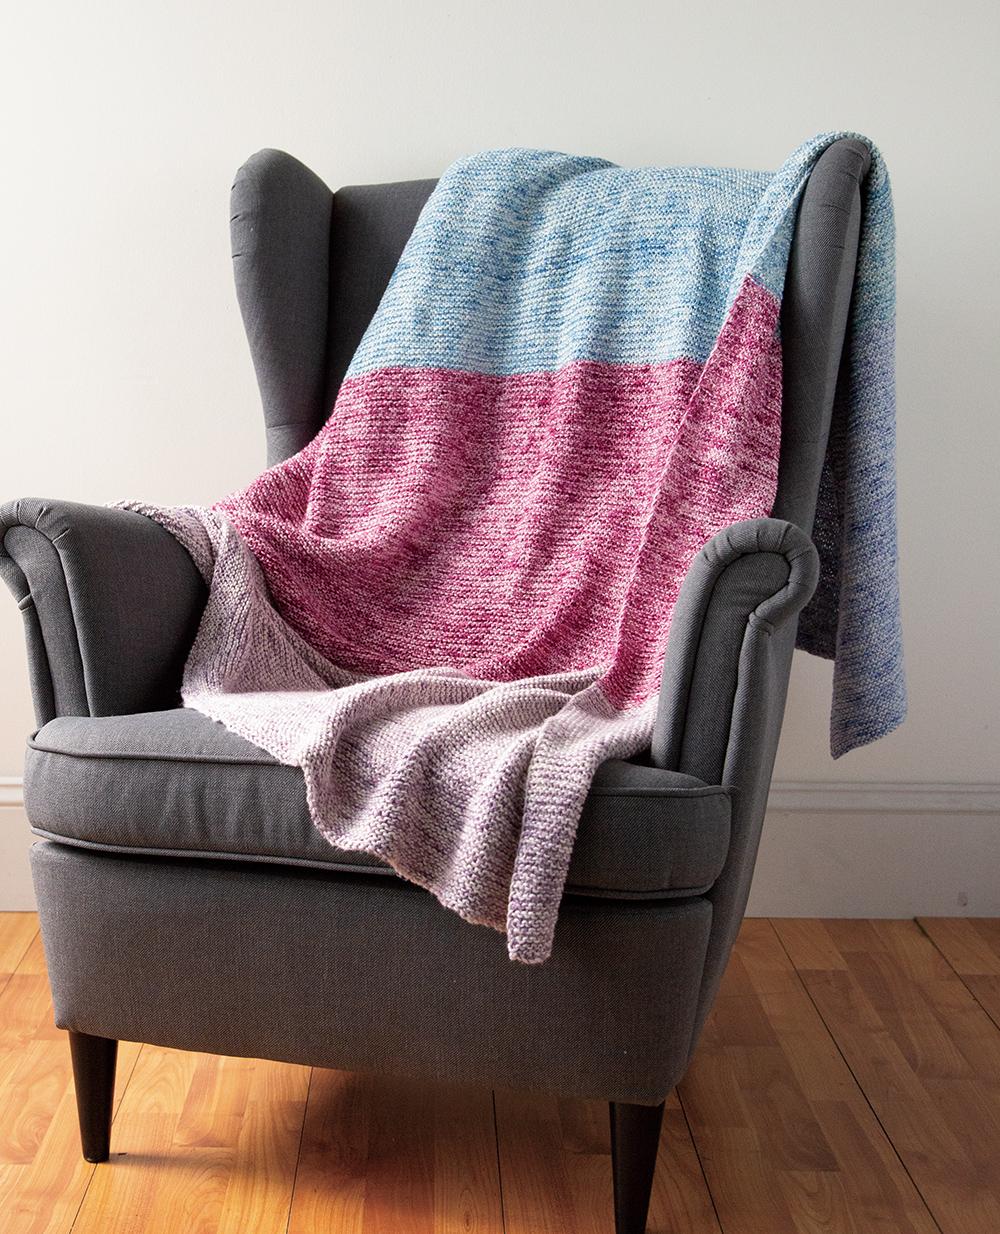 Beginner Blanket Kit